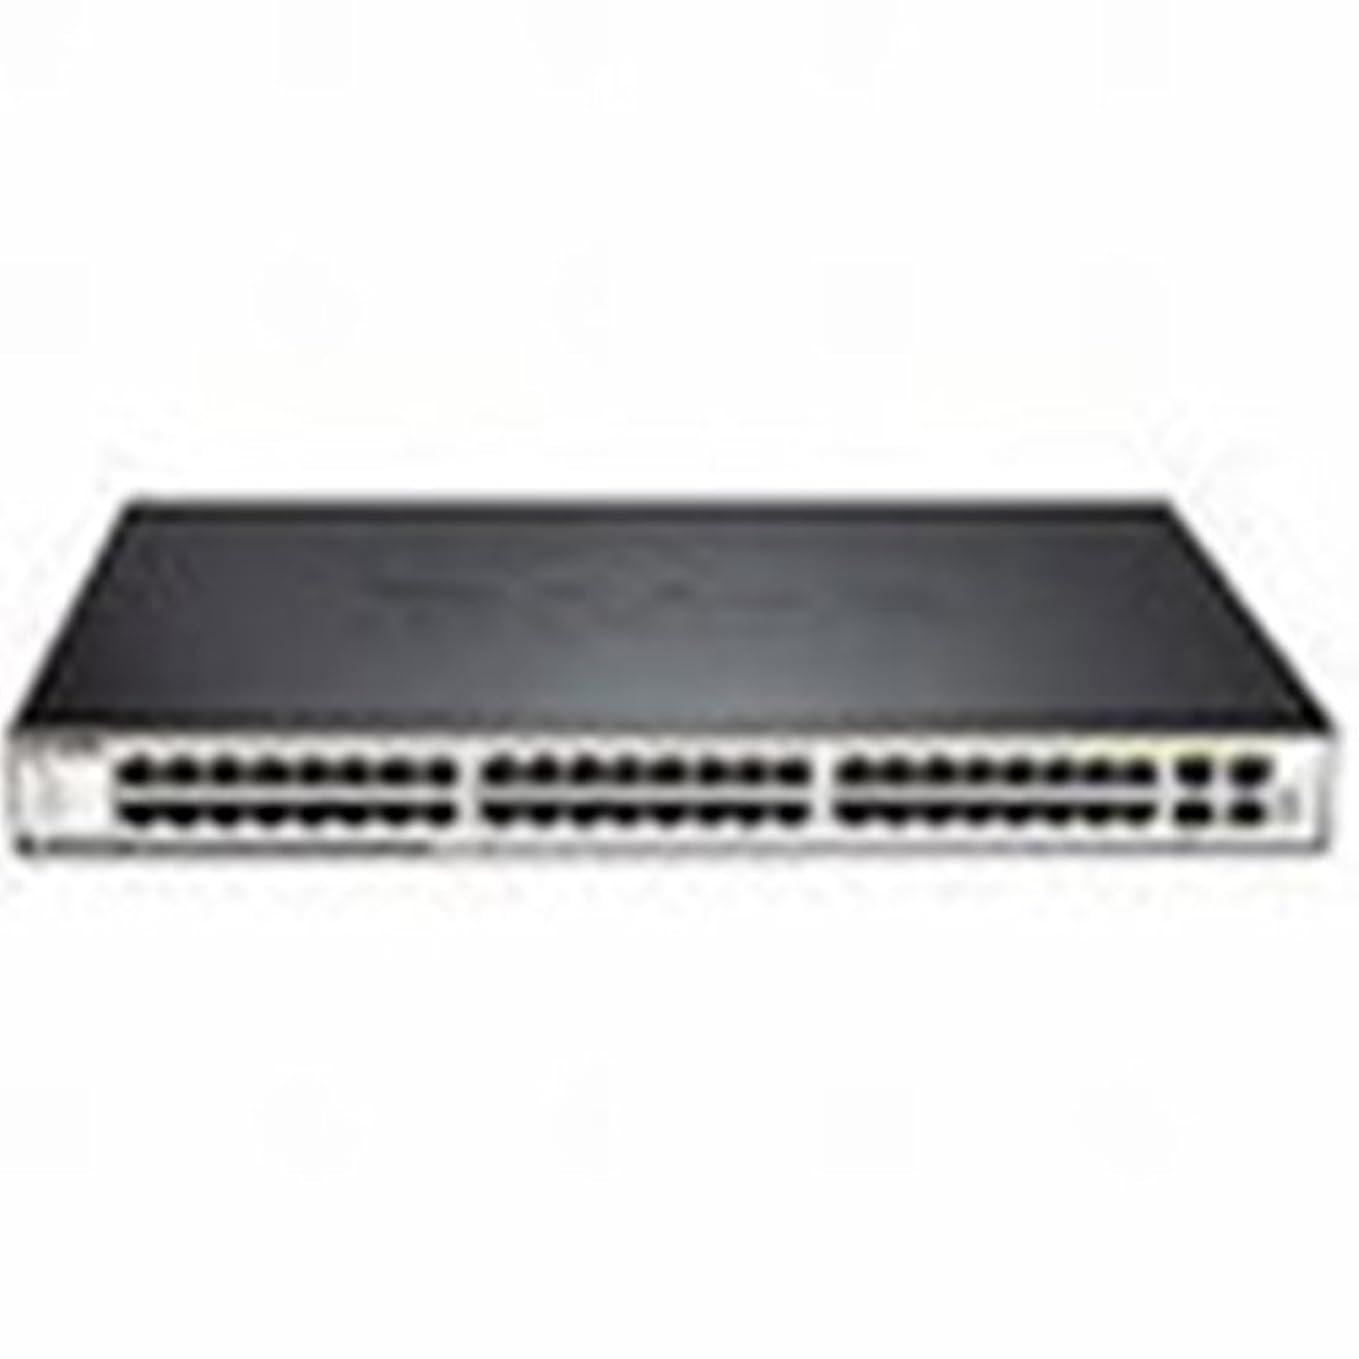 九ハドルちなみにディーリンクジャパン 48ポート 10/100/1000BASE-T(内4SFP Combo)+10G BASE-CX4×2 スタッカブルL2スイッチ DGS-3120-48TC/EI